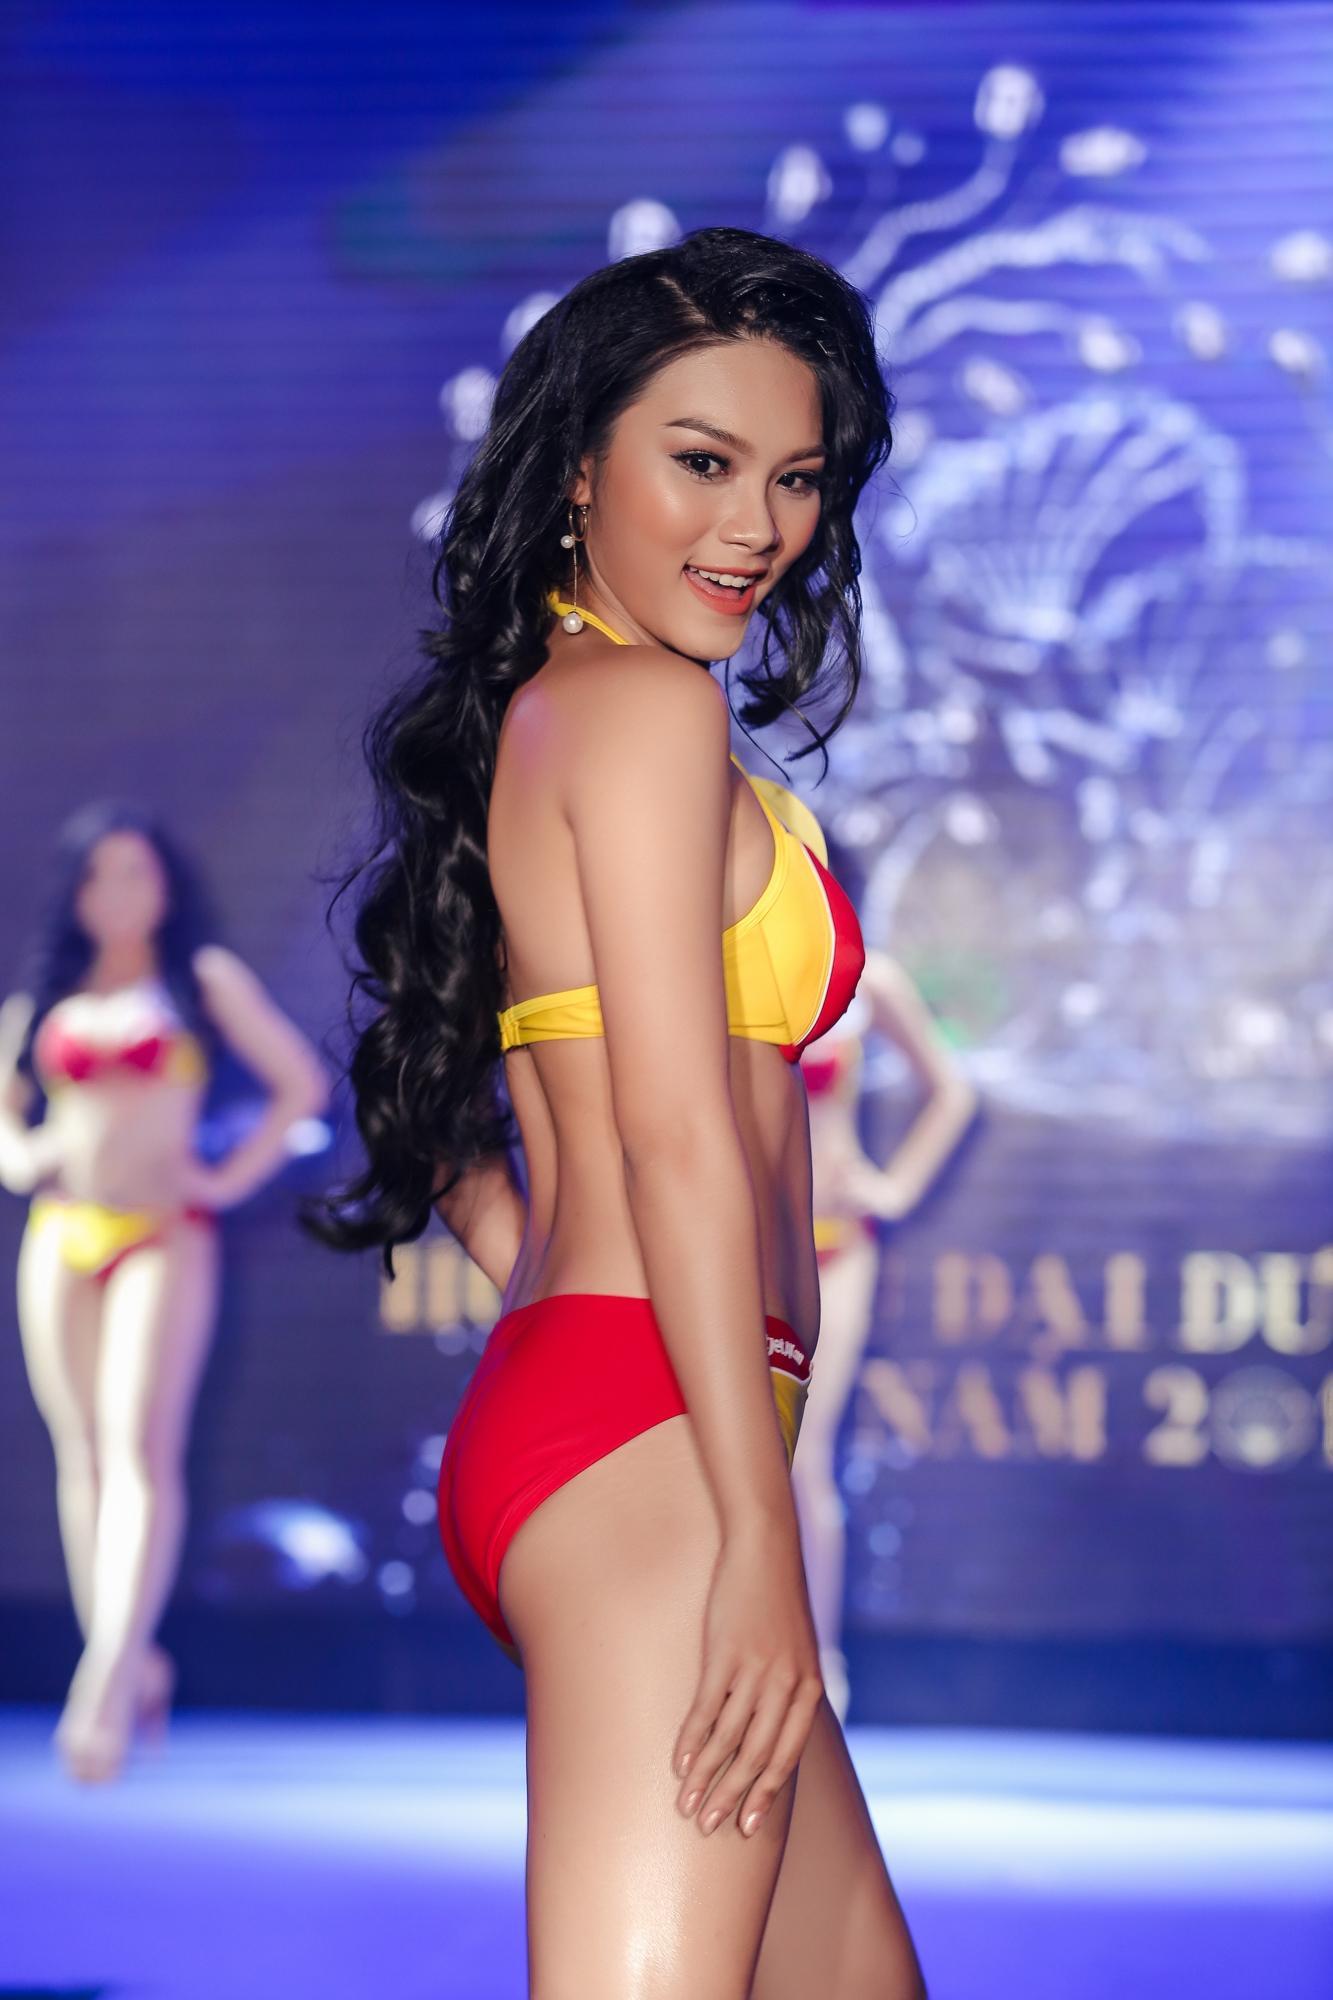 Vừa rời Hoa hậu Hoàn vũ, cô gái mê tiền tự tin khoe hình thể tại Hoa hậu Đại Dương 2017-3